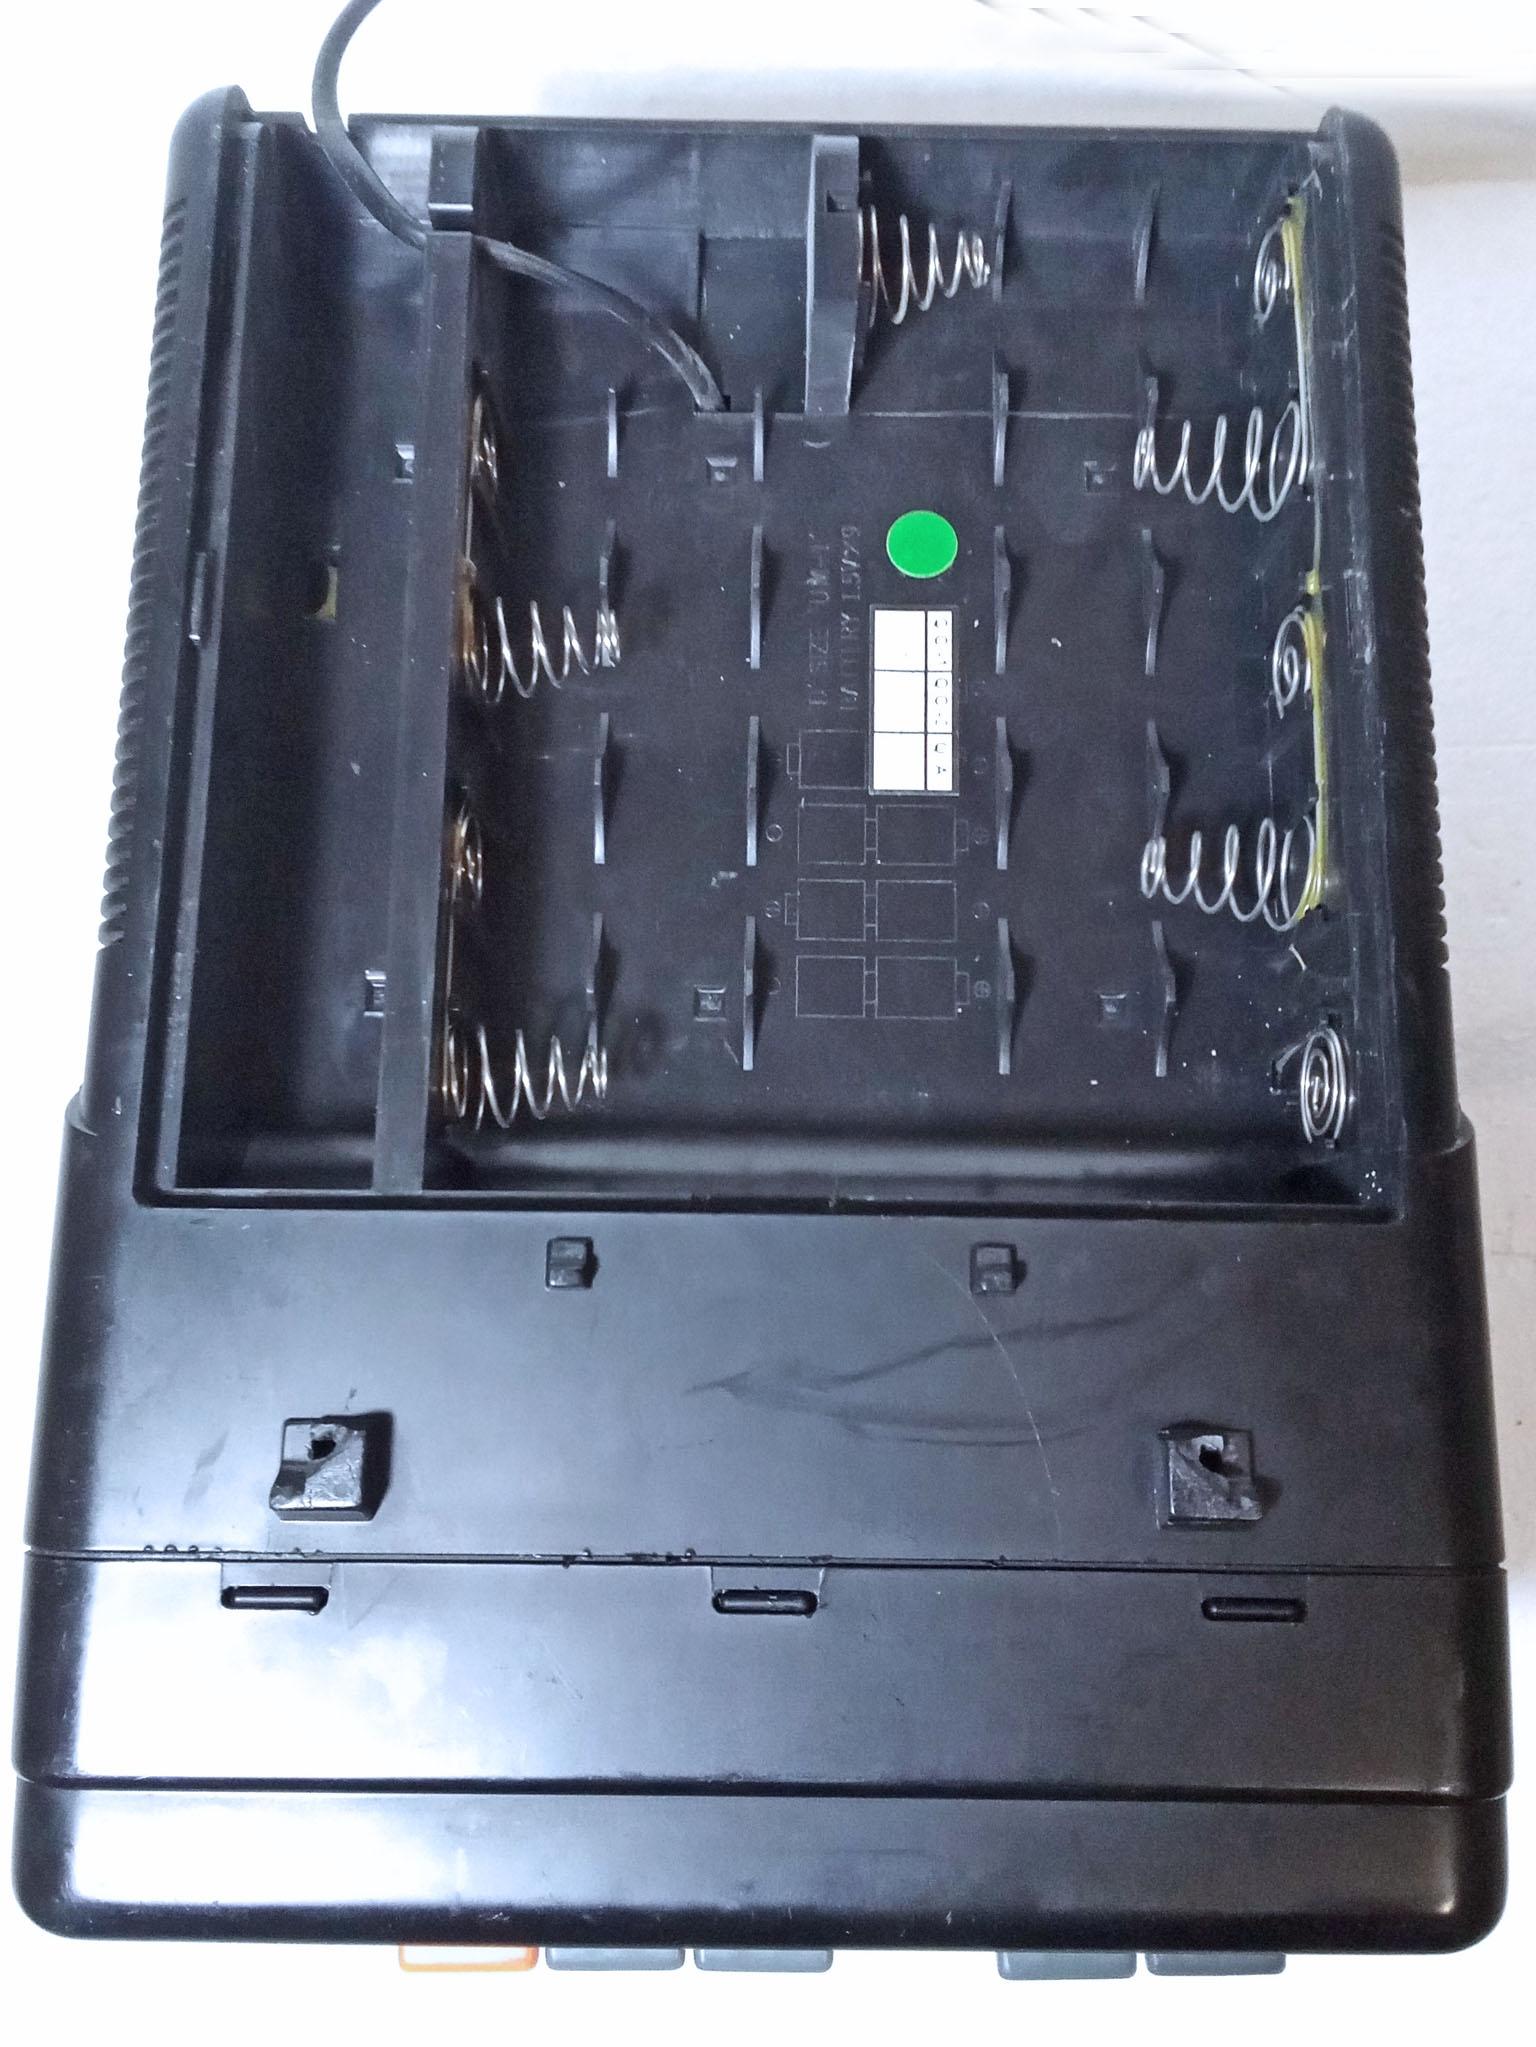 открыт батарейный отсек находящийся на нижней части корпуса